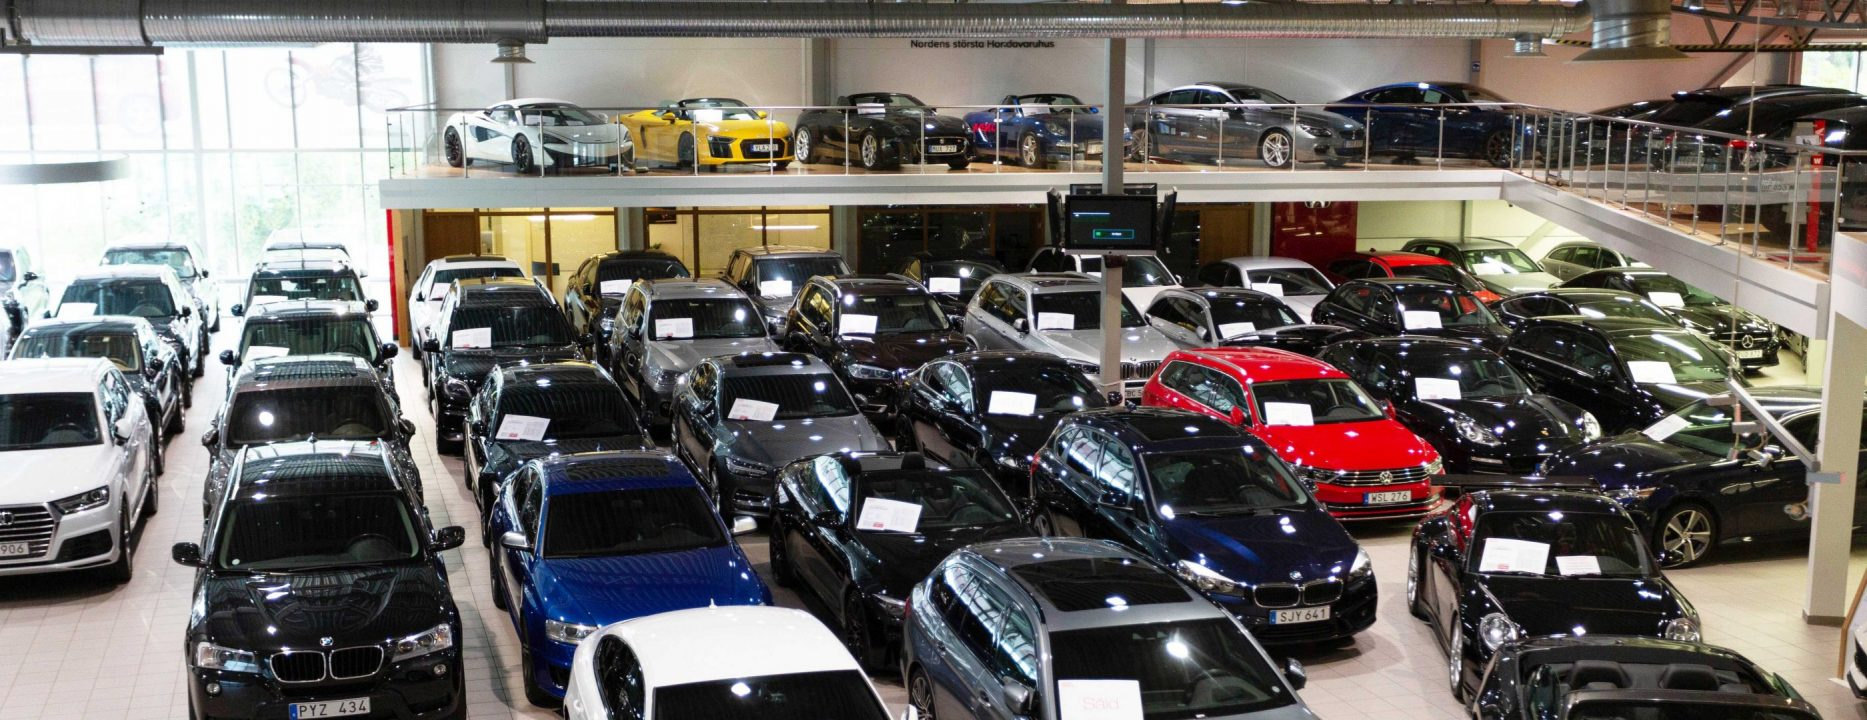 Bilbranschen begagnat lonar sig bast